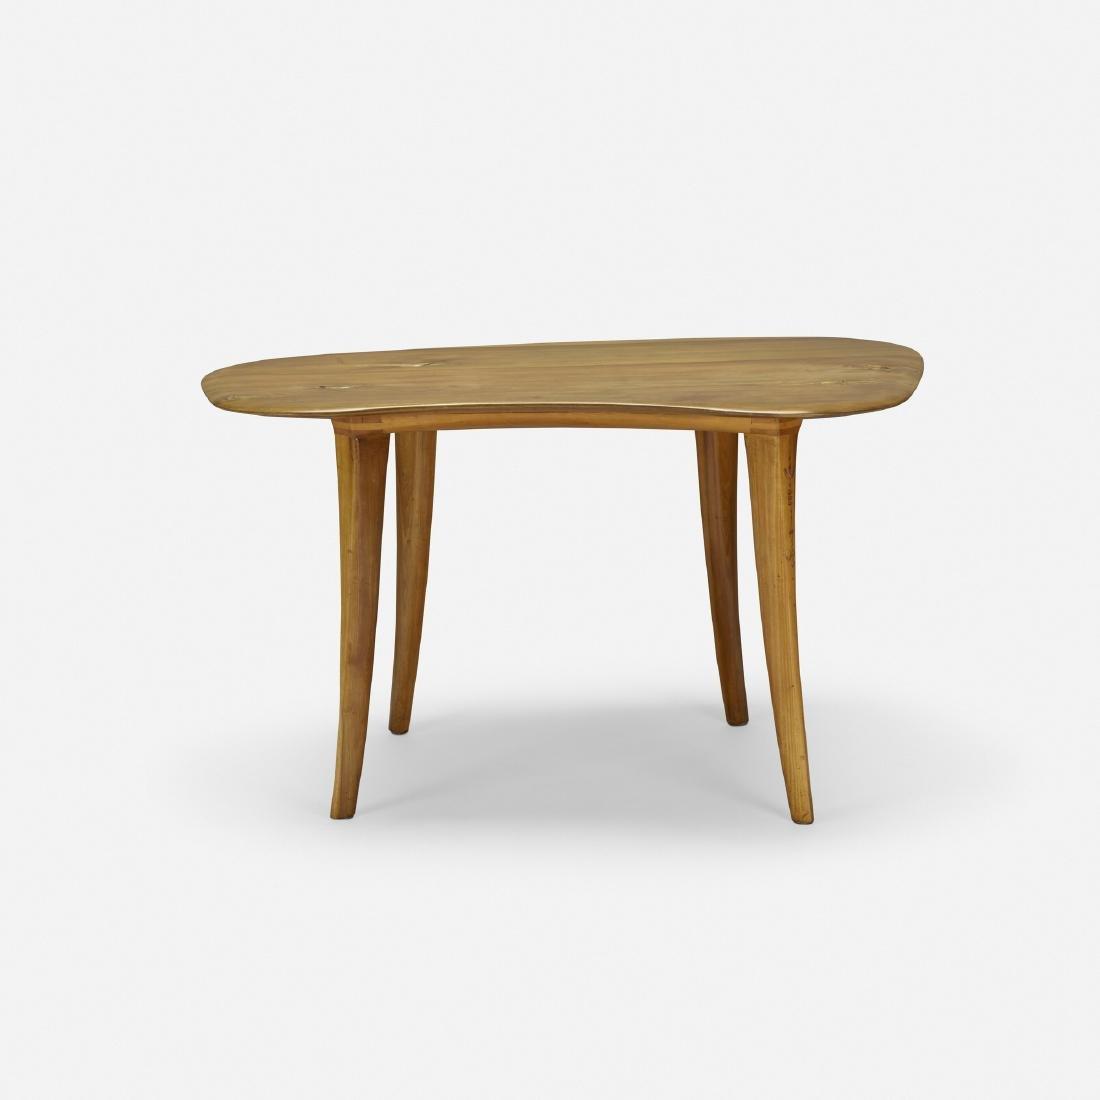 Wharton Esherick, dining table, Seiver Collection - 2